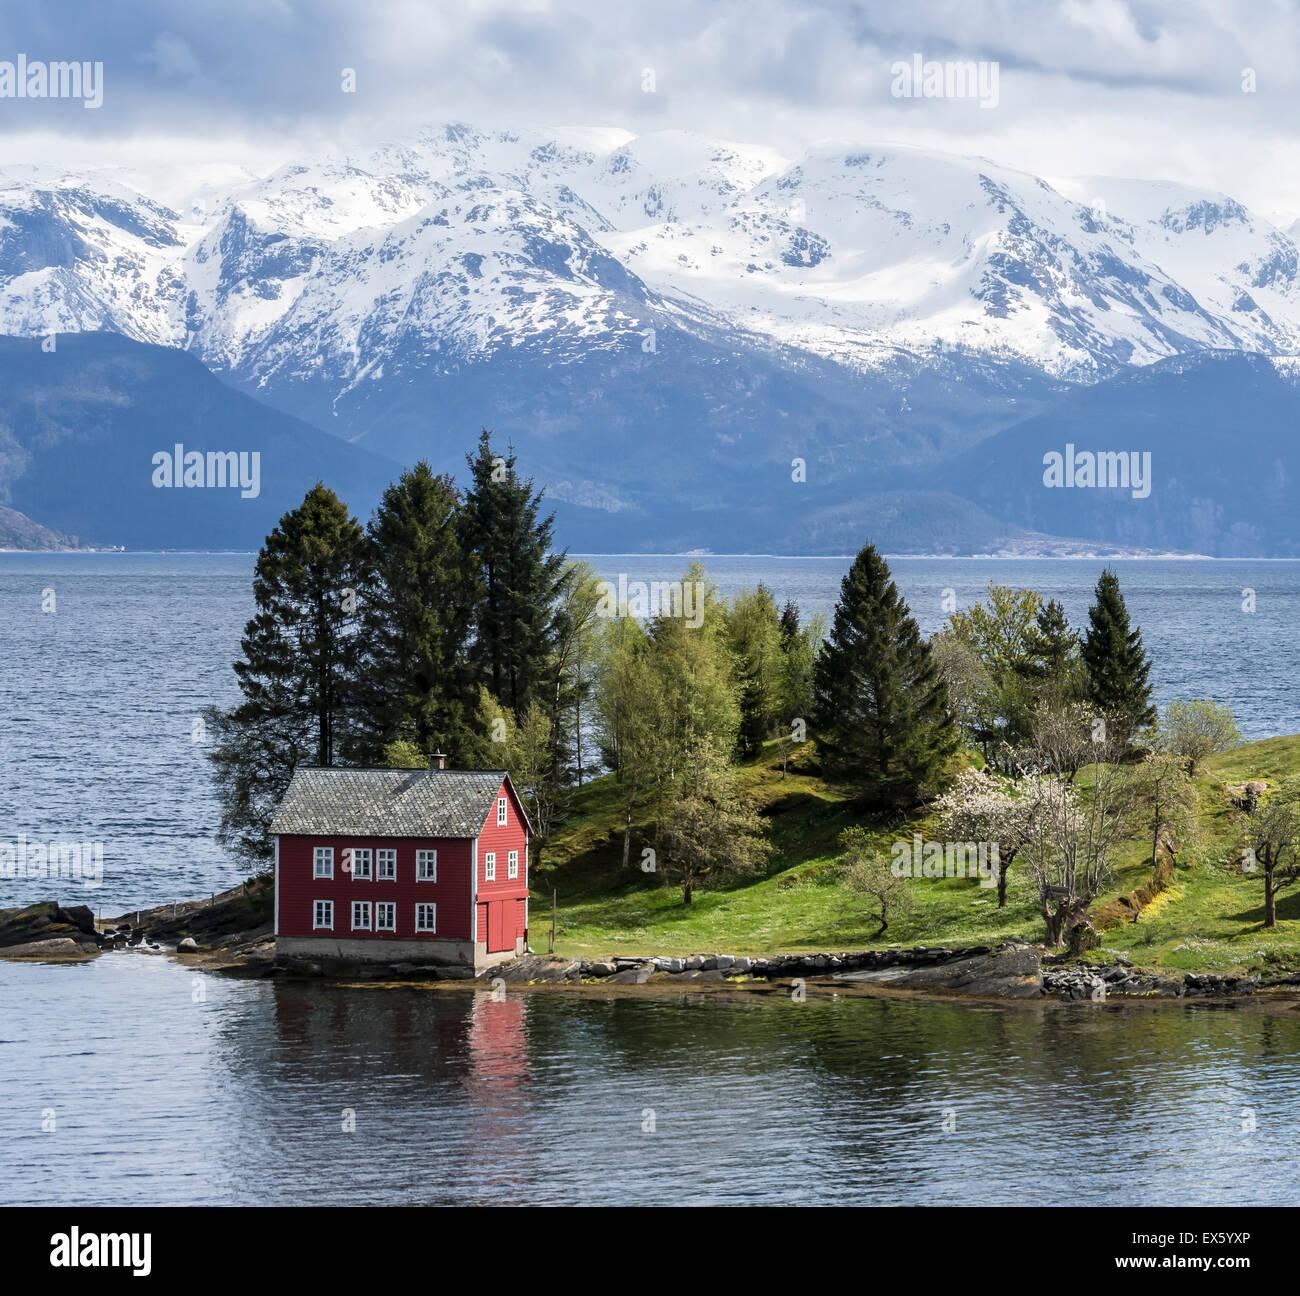 Typischen roten Haus auf einer Insel in den Hardangerfjord, in der Nähe von Strandebarm, Hordaland, Norwegen Stockbild